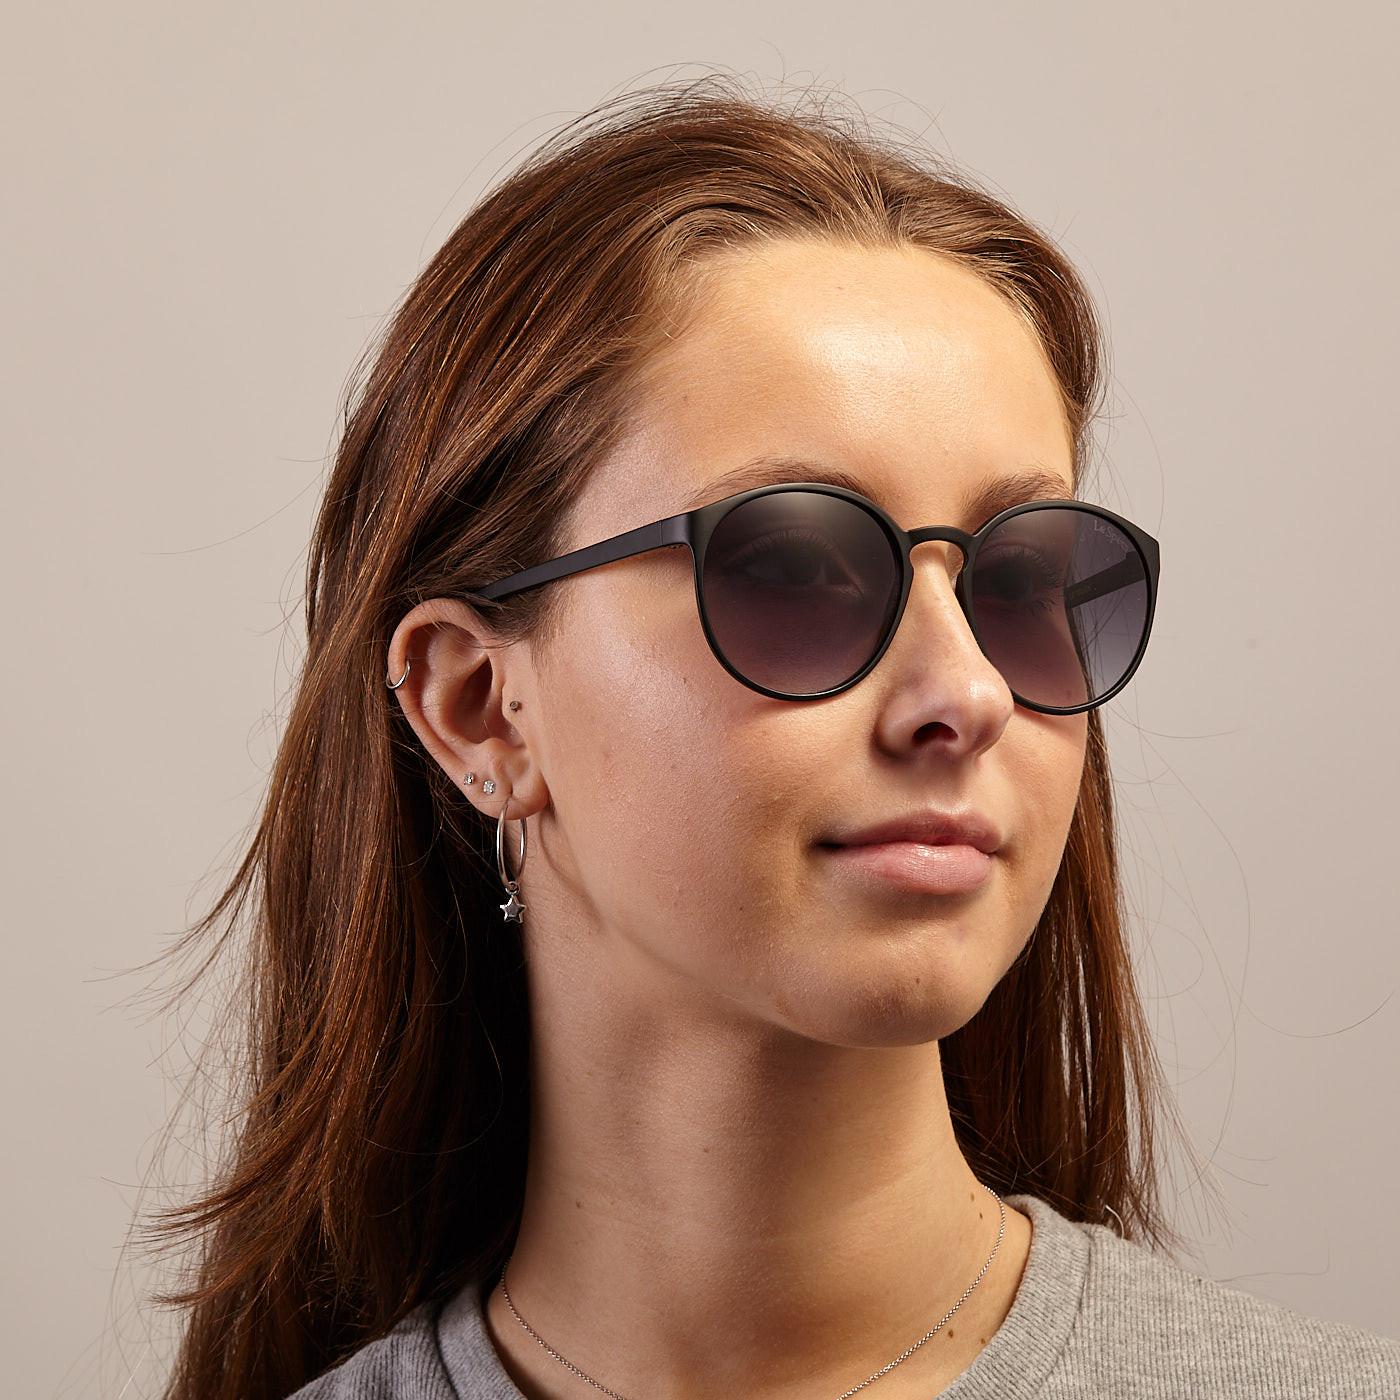 Le Specs Swizzle Matt Black Solglasögon LSP1502061 Solglasögon